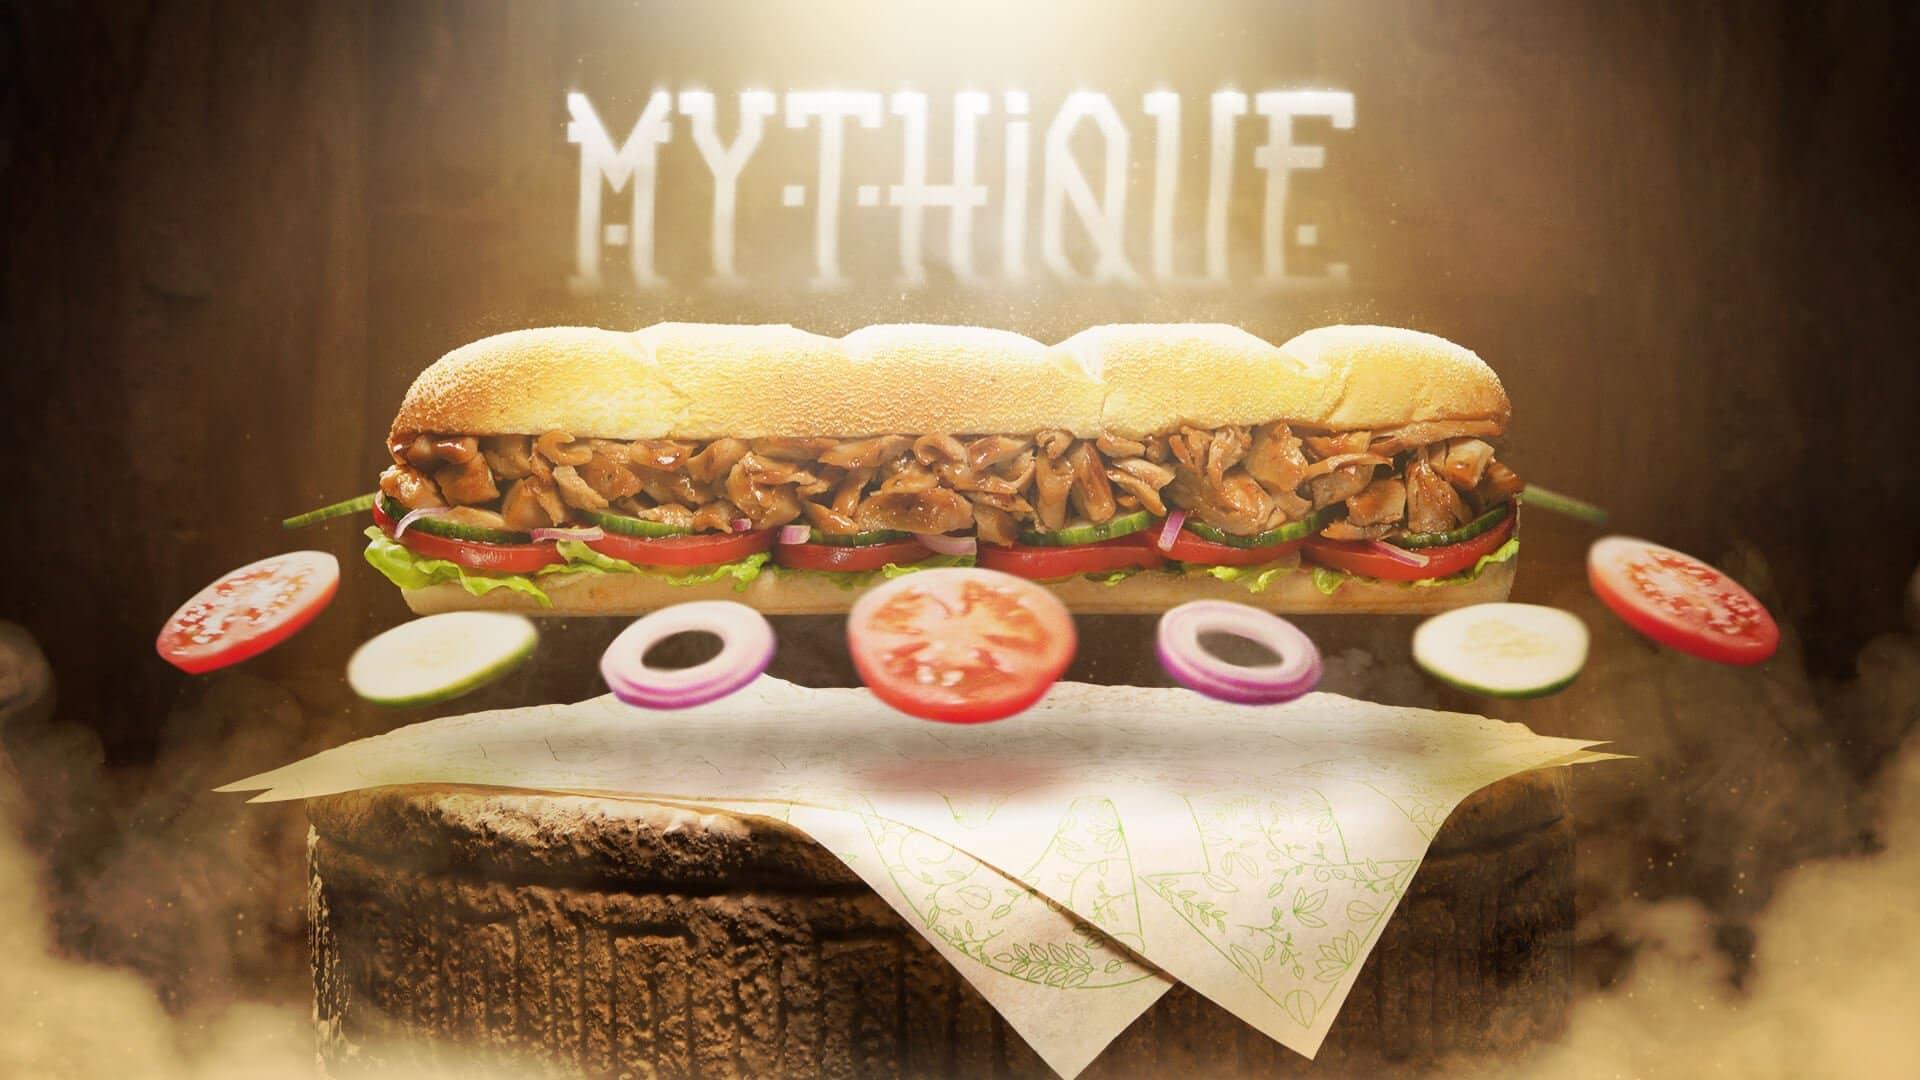 Mythique-3